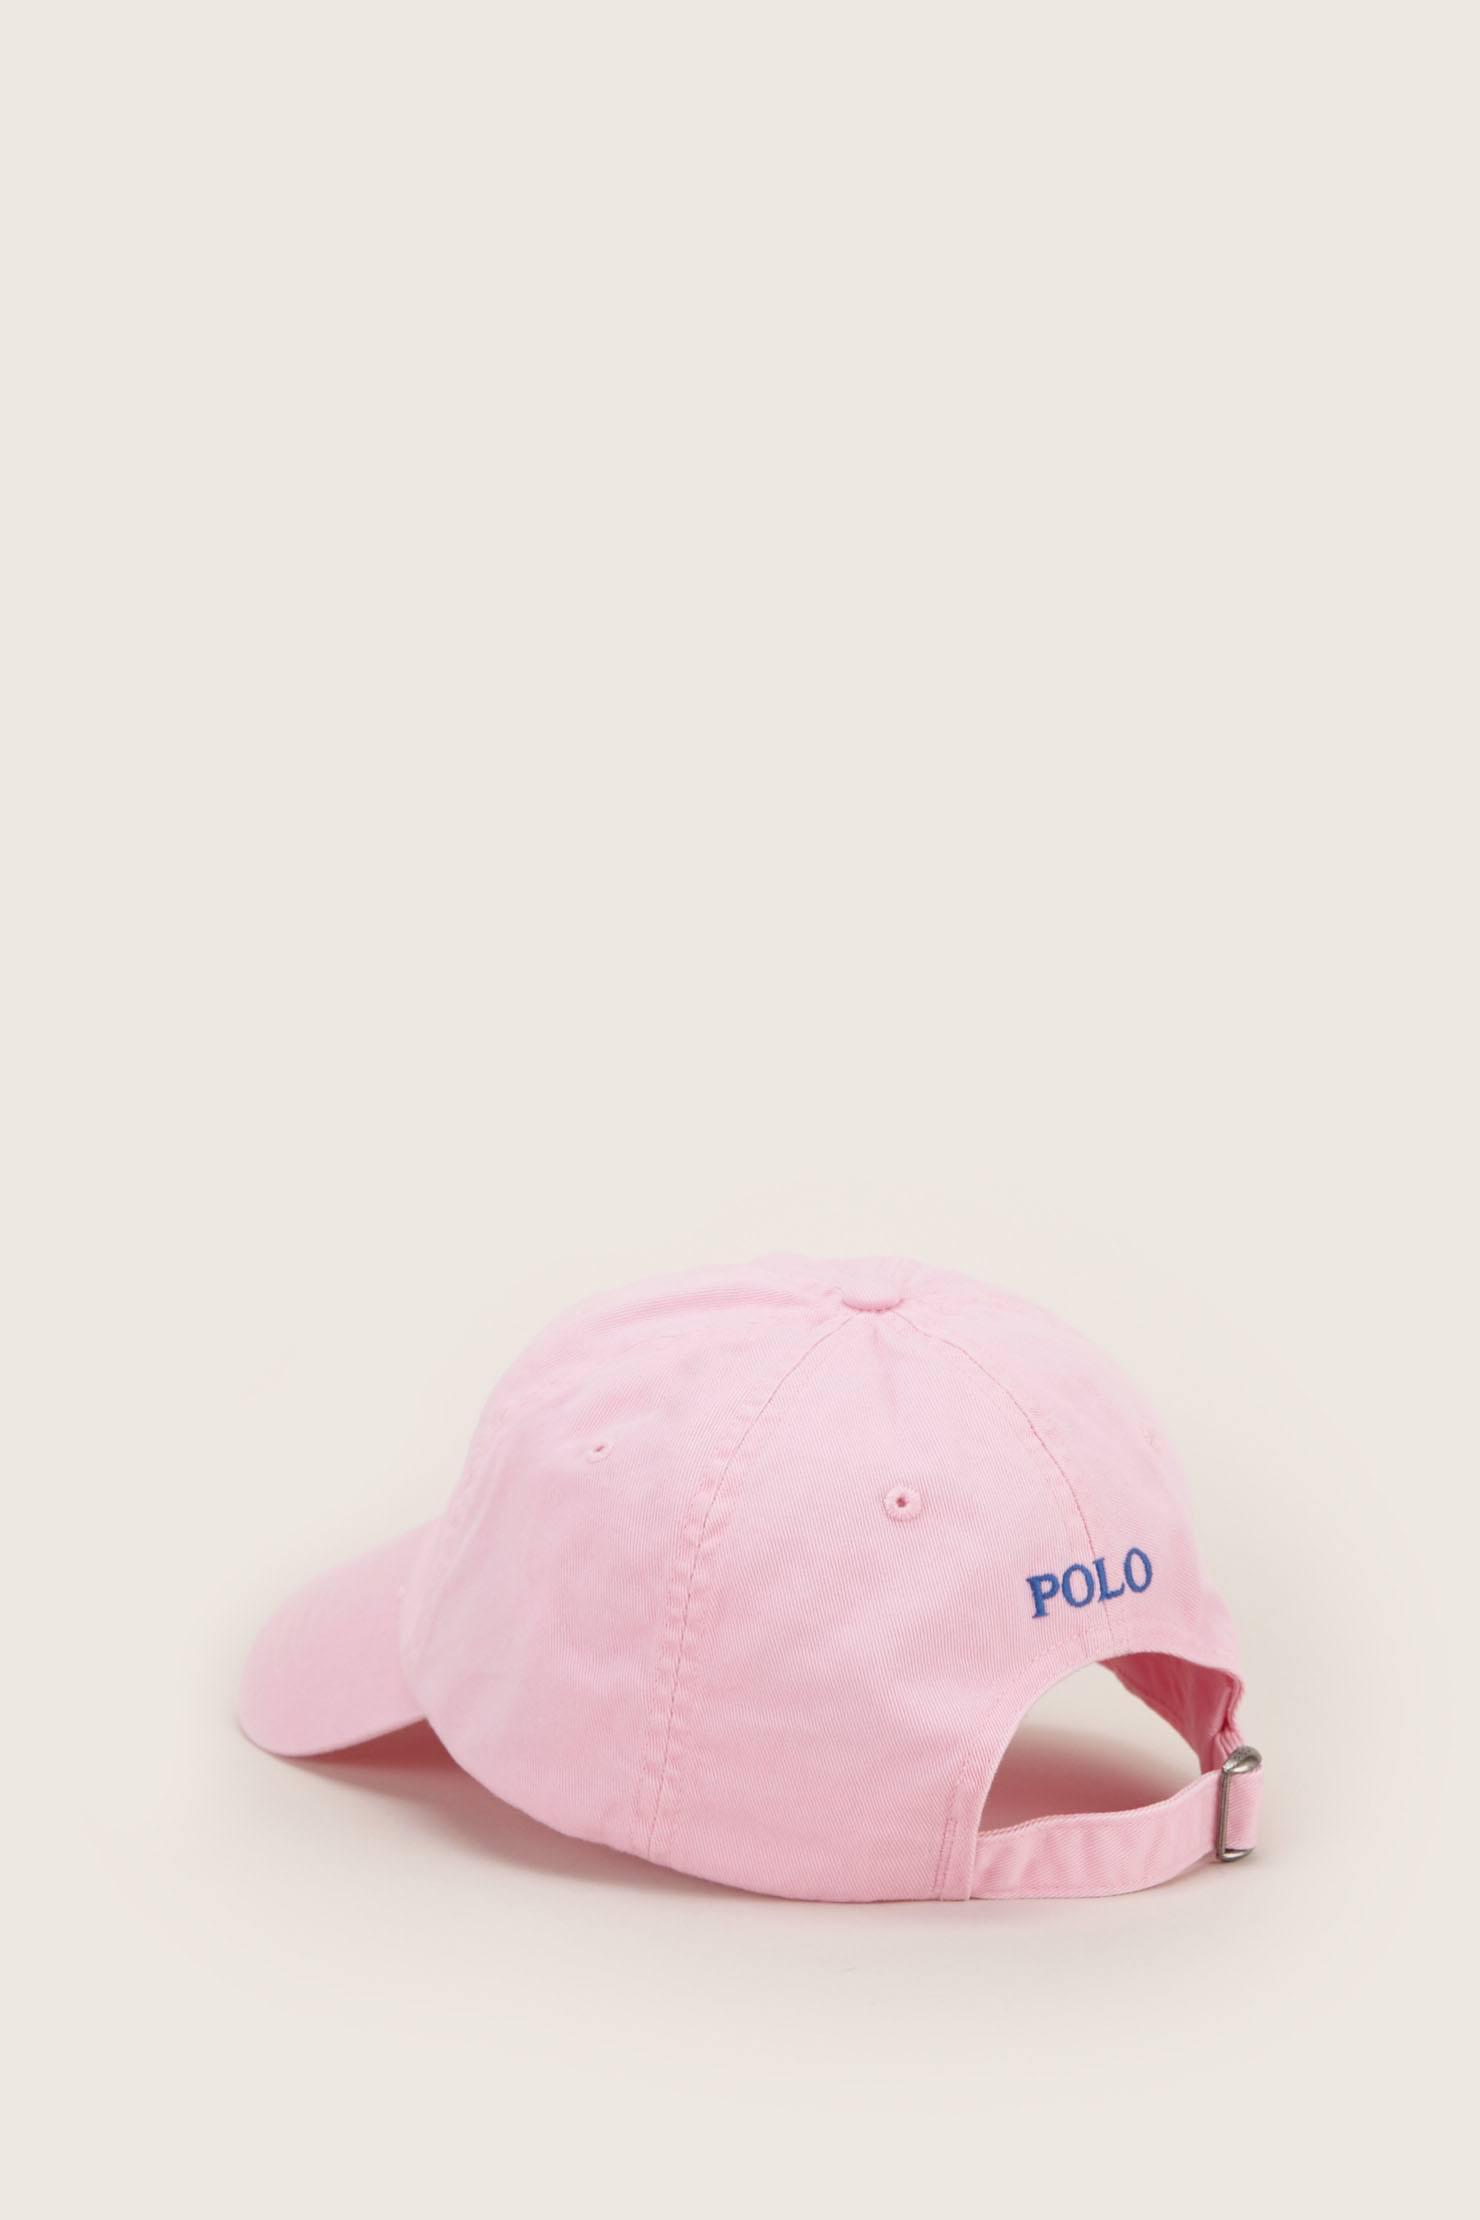 Polo Ralph Lauren Caps in Pink - Lyst c8ec7c1022